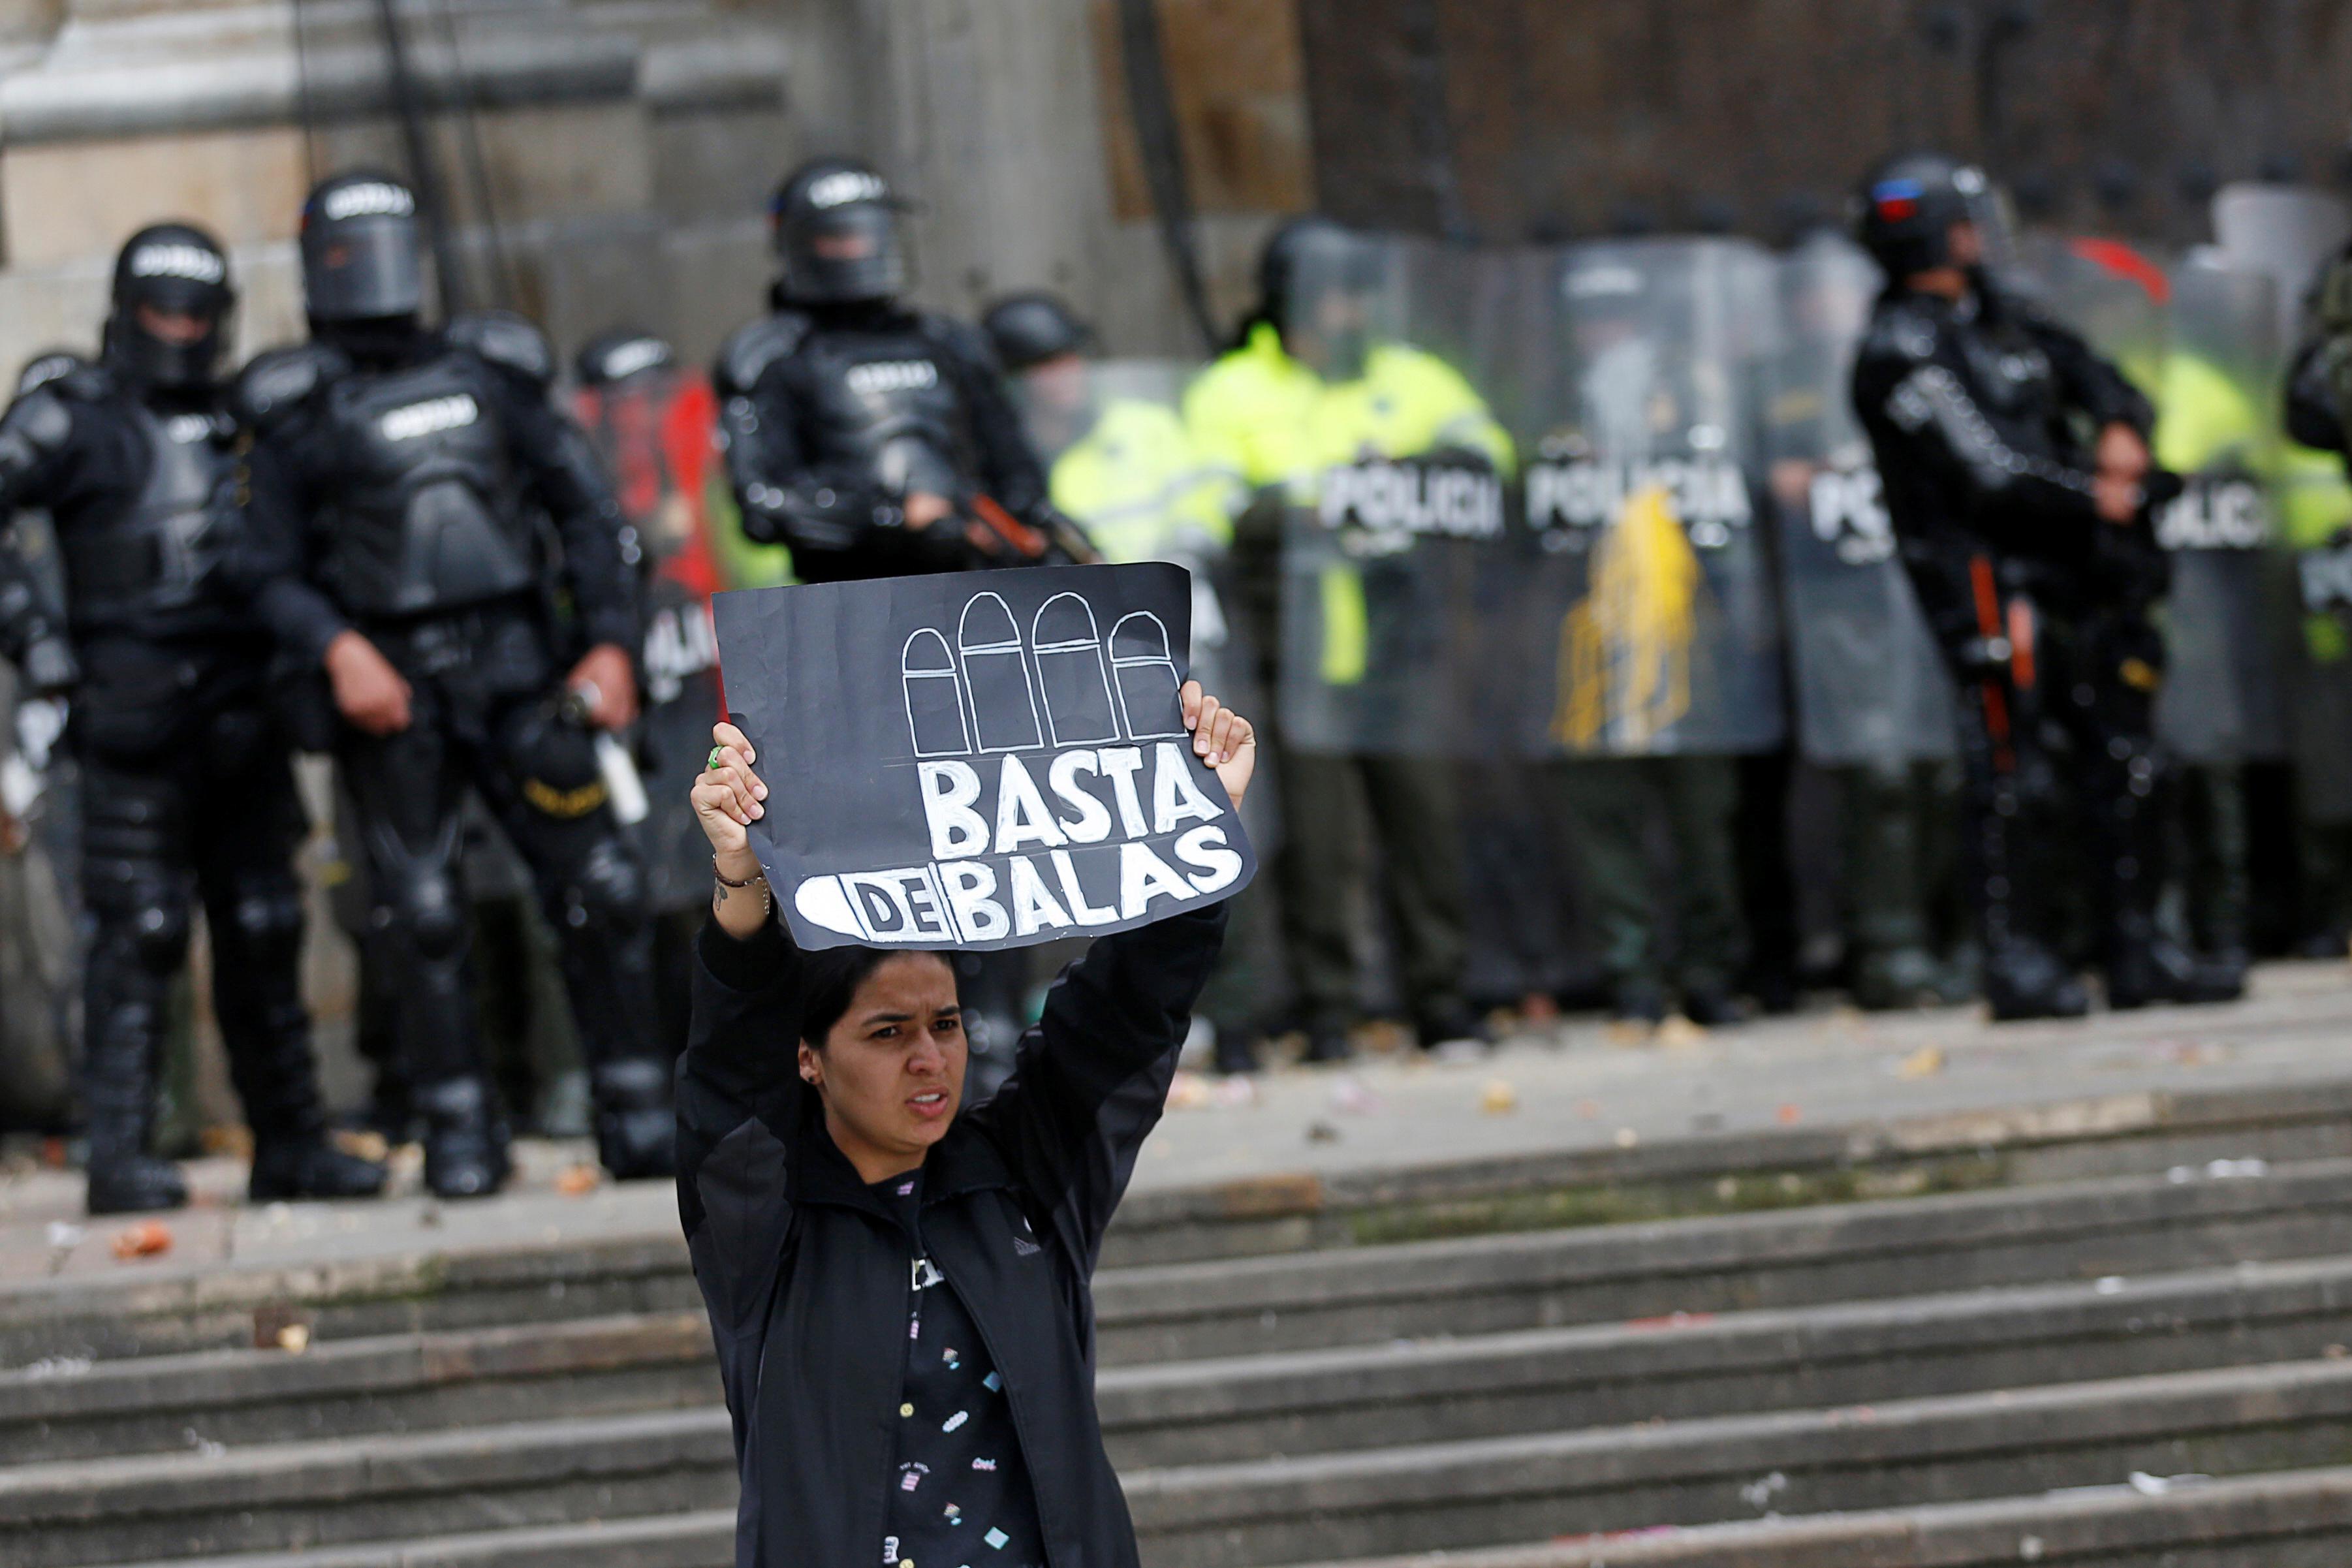 1790972-جانب-من-الاحتجاجات-والعنف-فى-كولومبيا-(10)